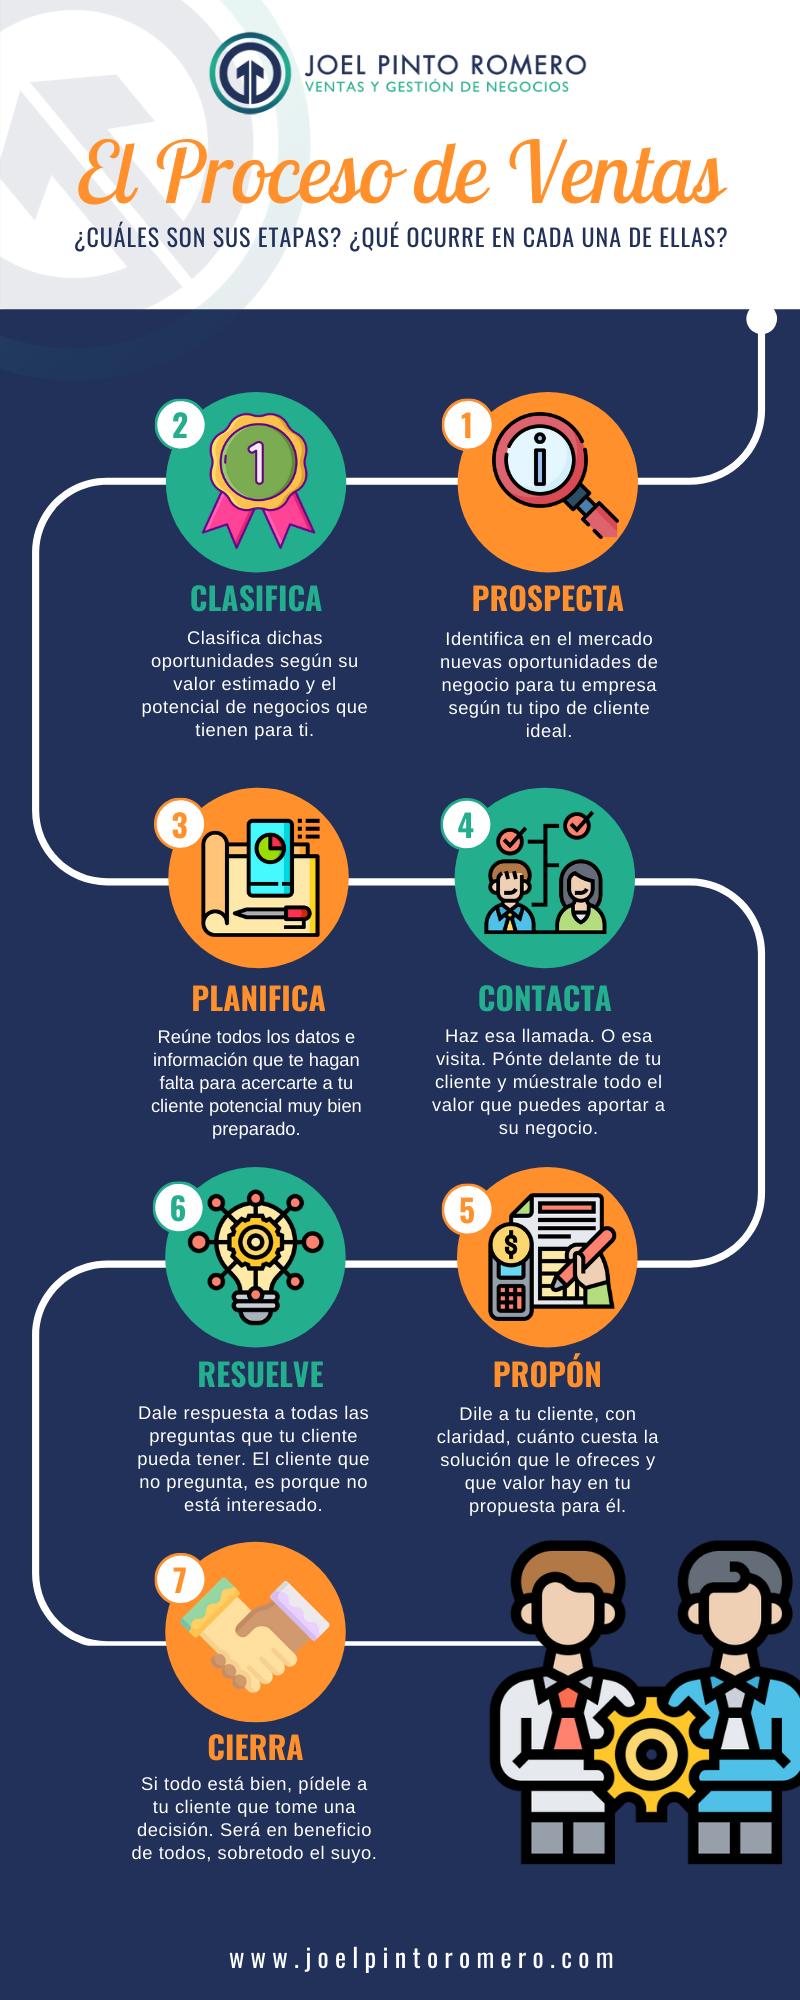 Infografía - Proceso de Ventas - Joel Pinto Romero